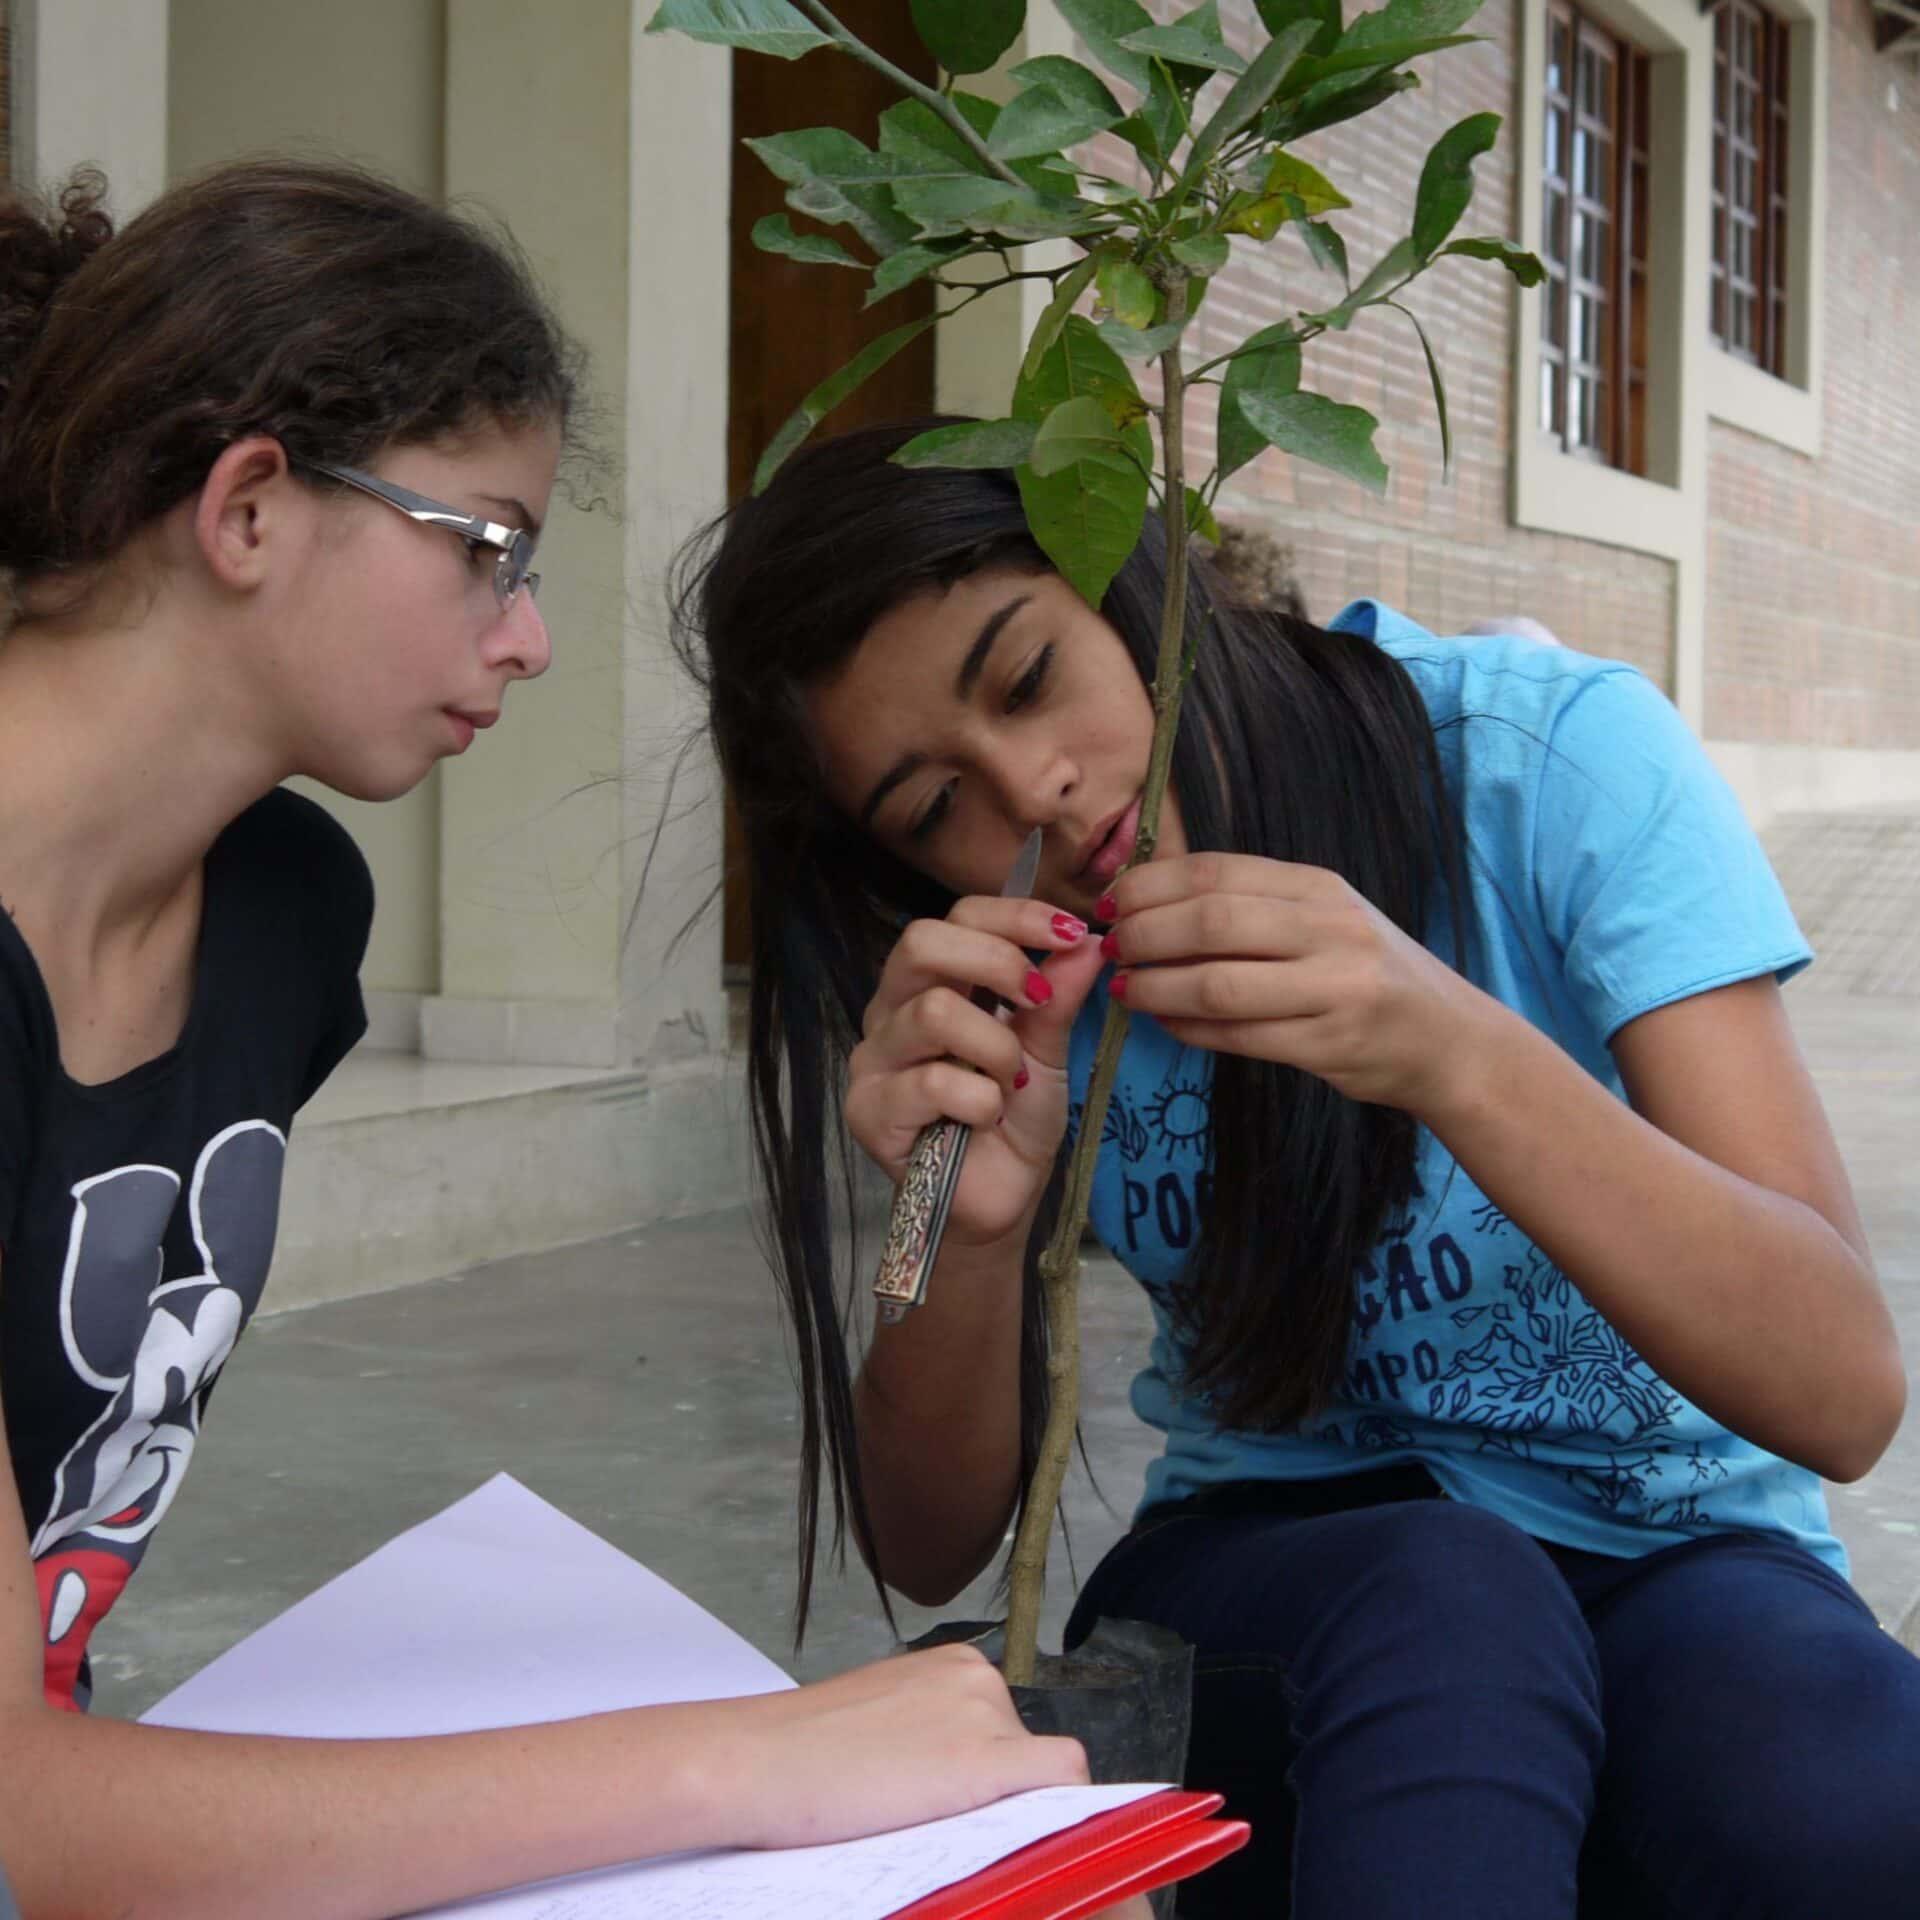 Zwei junge Frauen sitzen nebeneinander